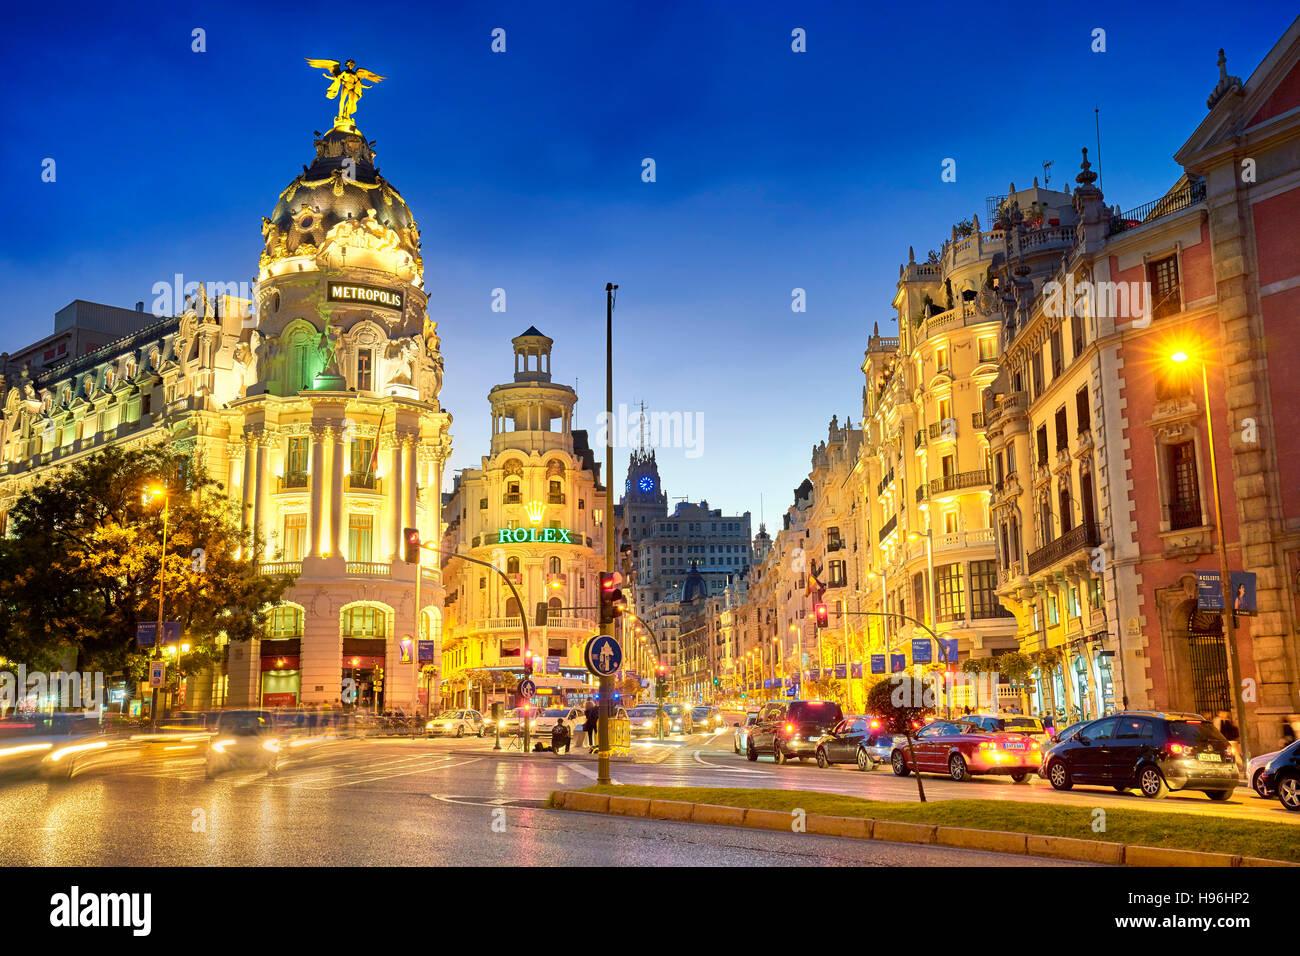 Il Metropolis edificio a sera, Gran Via, Madrid, Spagna Immagini Stock